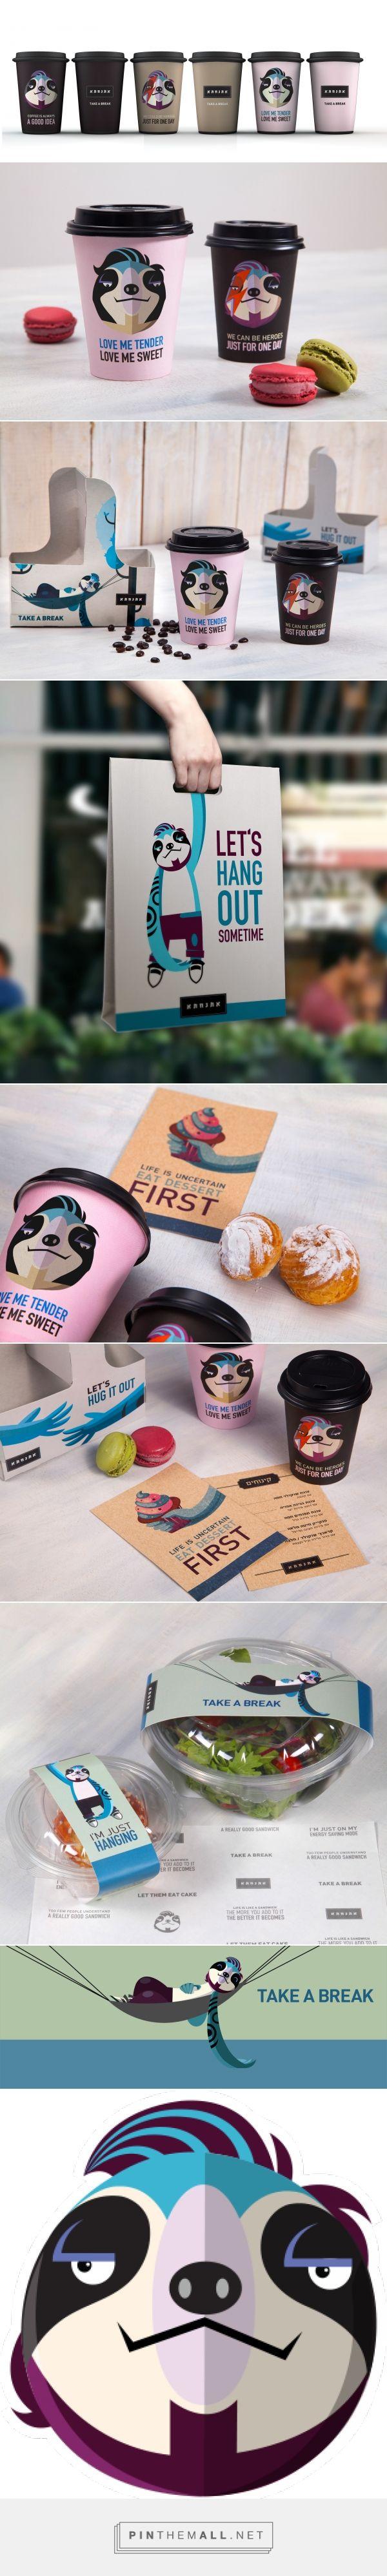 Best 20 takeaway packaging ideas on pinterest for Creative selfie wall